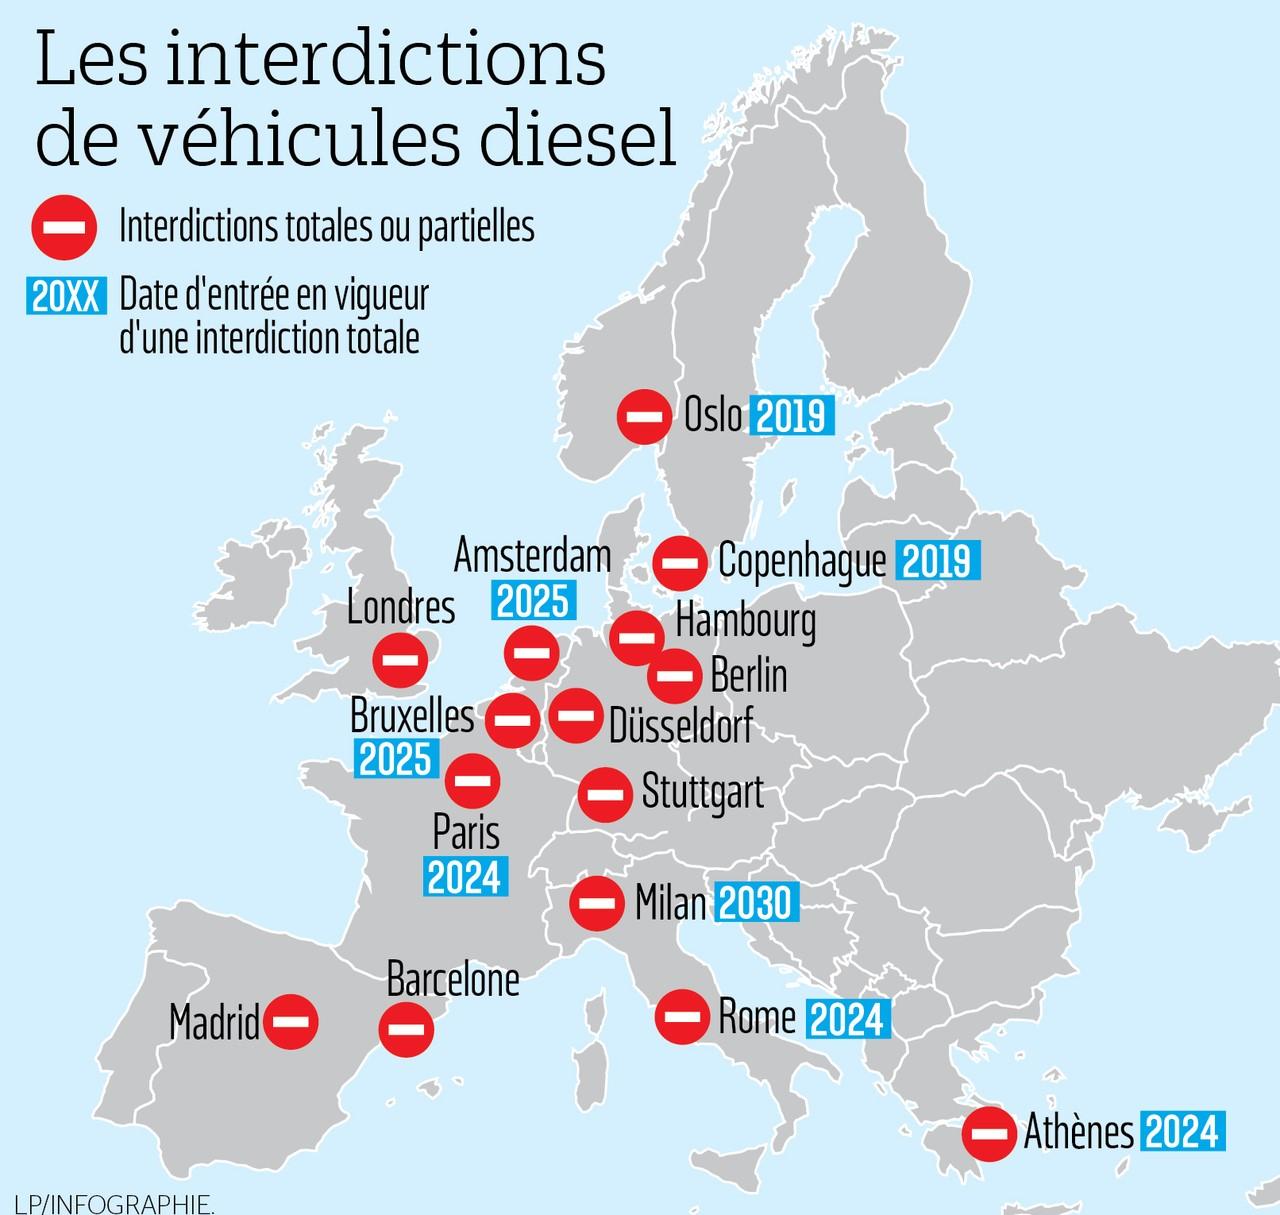 Infographie - Interdictions des véhicules diesel en Europe